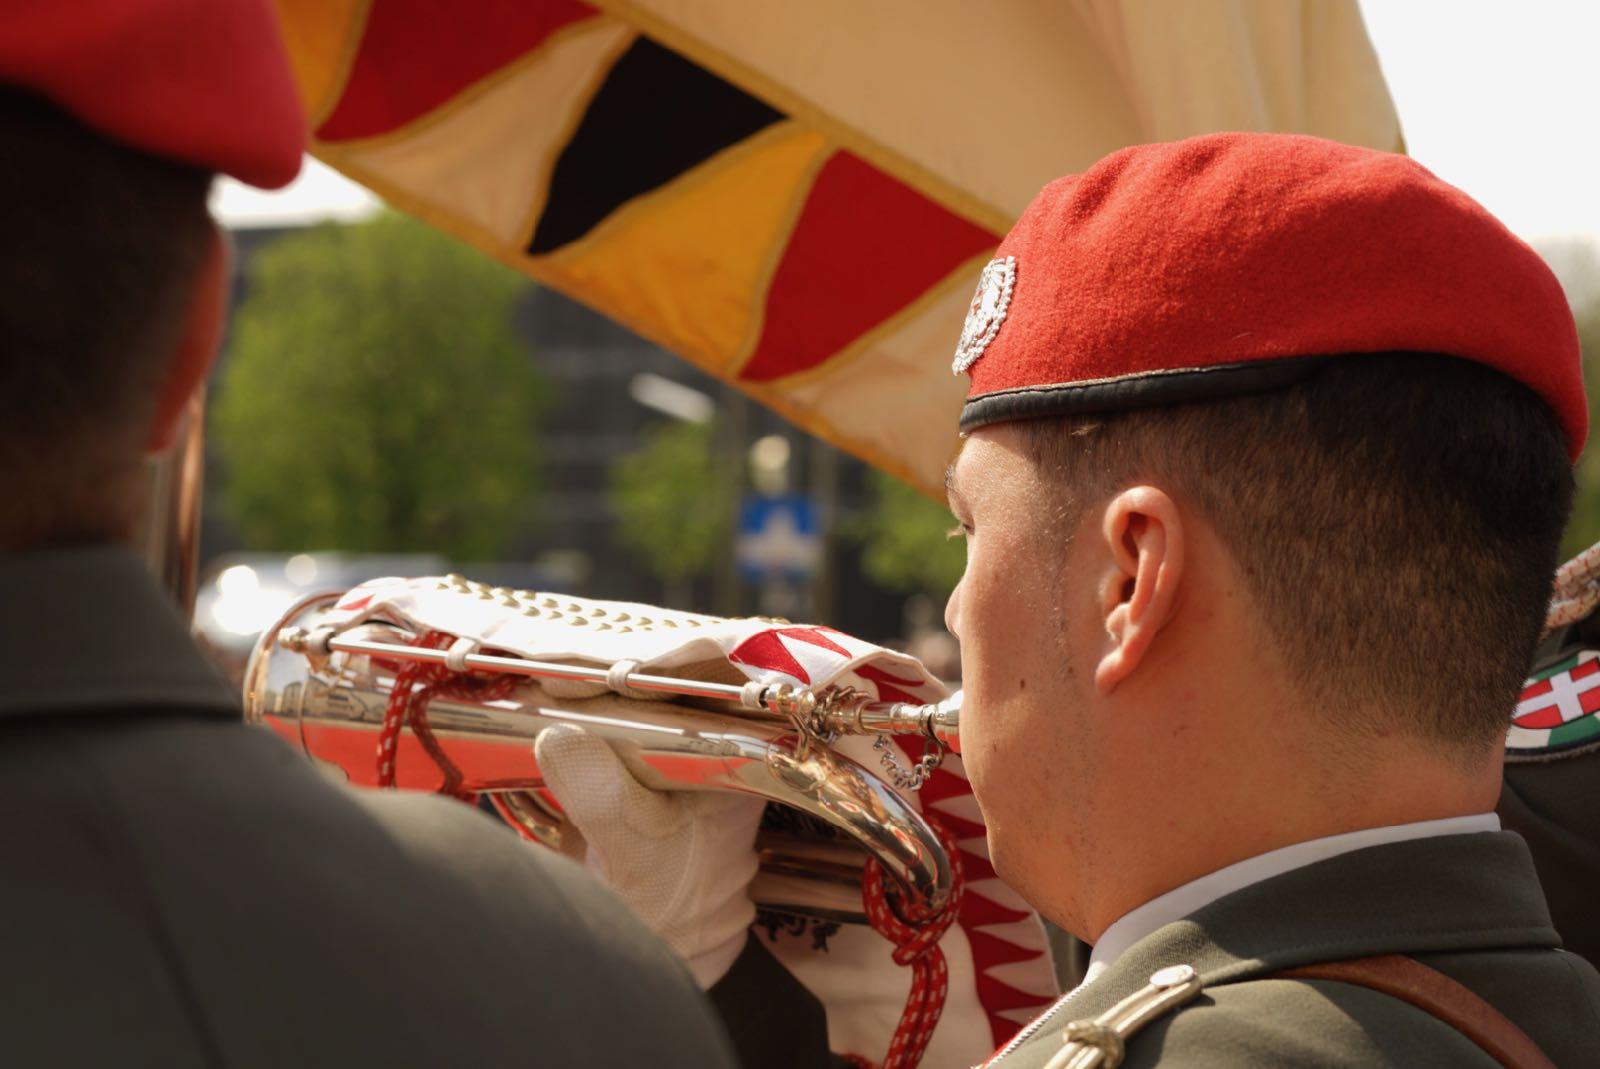 2019_04_09_4Gardekompanie_Montenegro_Ballhausplatz - 22 of 34